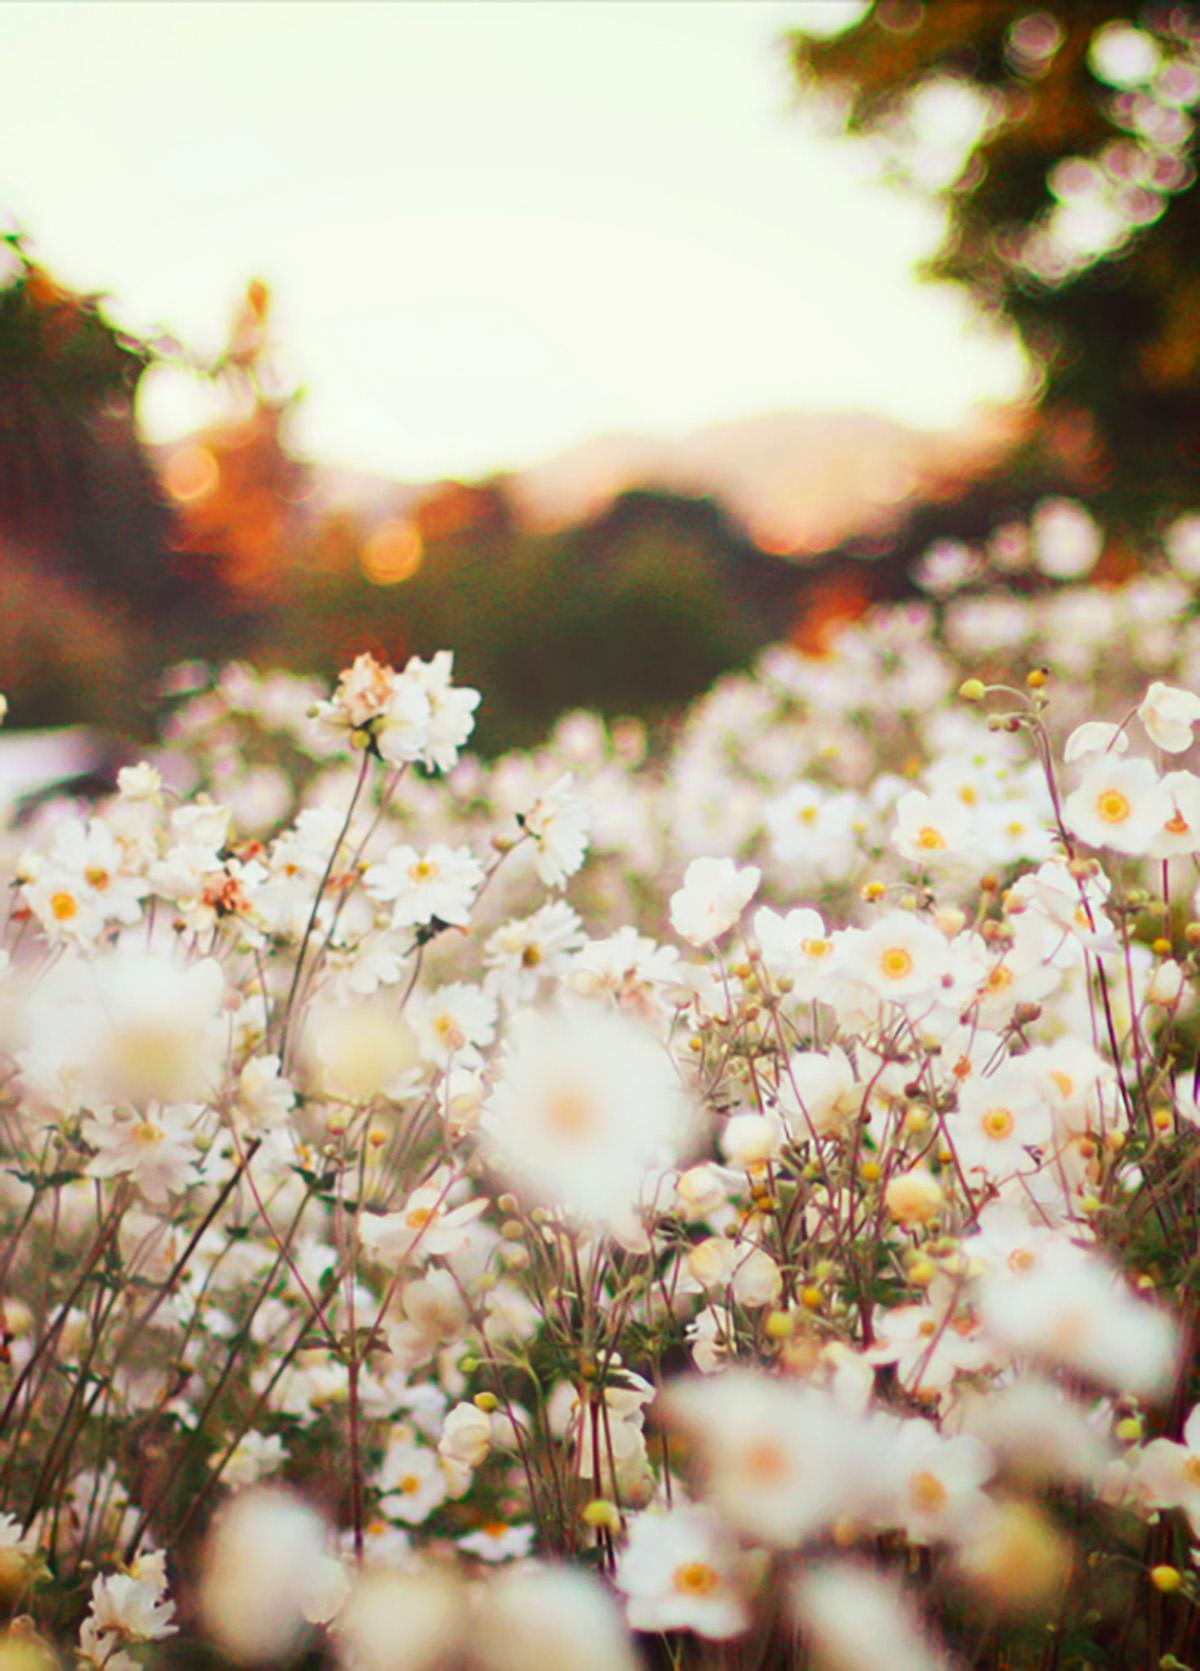 flowers_field